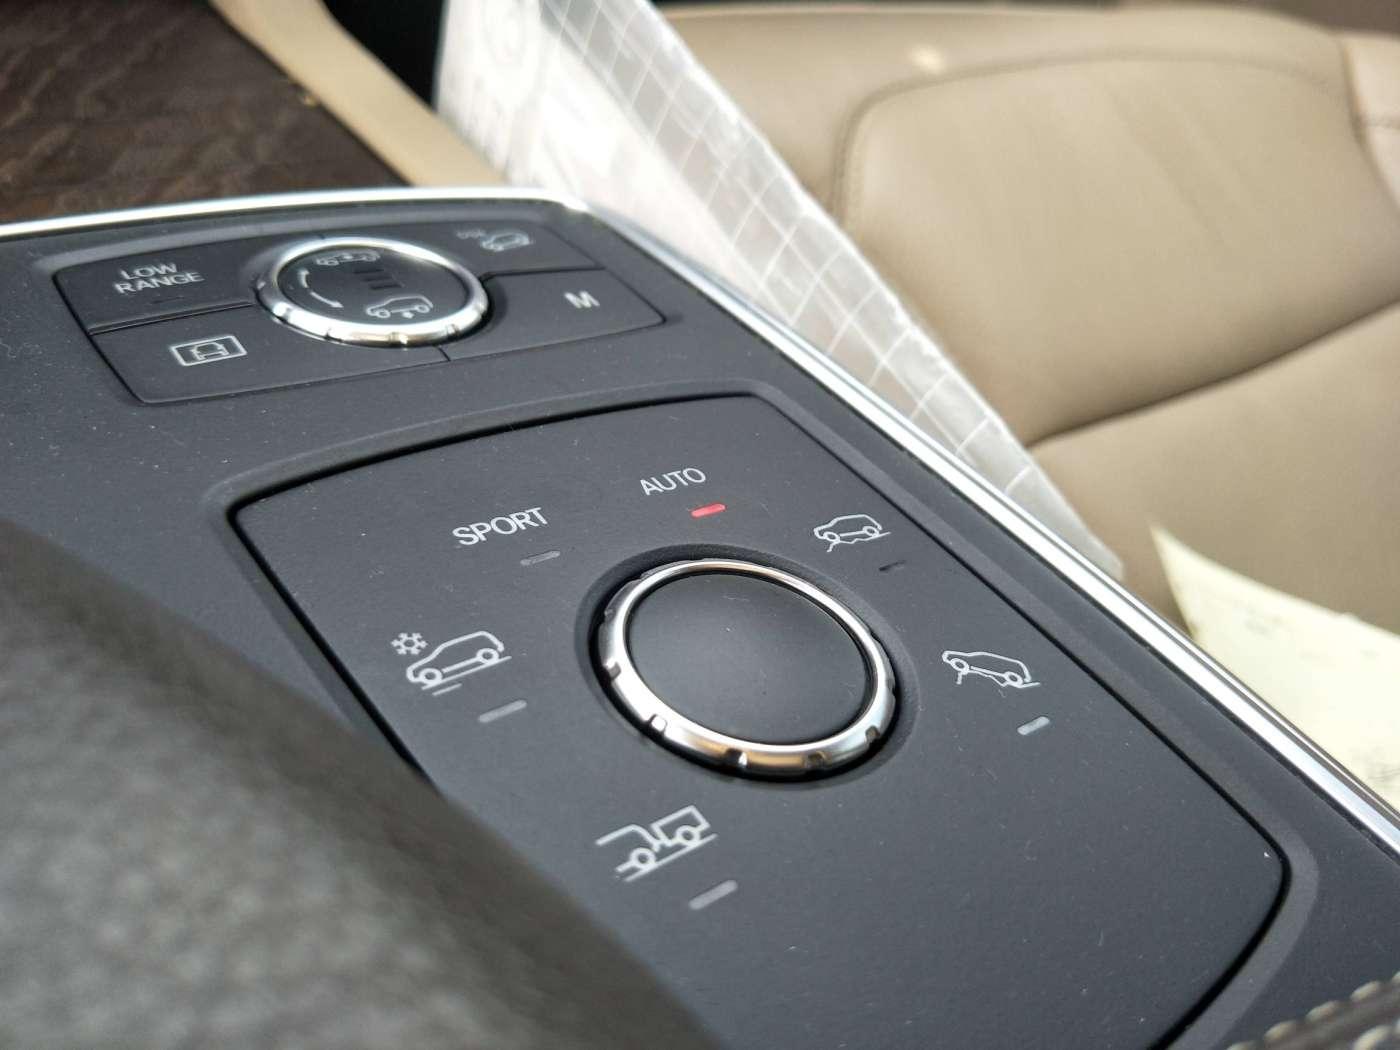 2013年08月 奔驰GL级 2013款 GL 500 4MATIC|甄选奔驰-北京卡斯基汽车服务有限公司